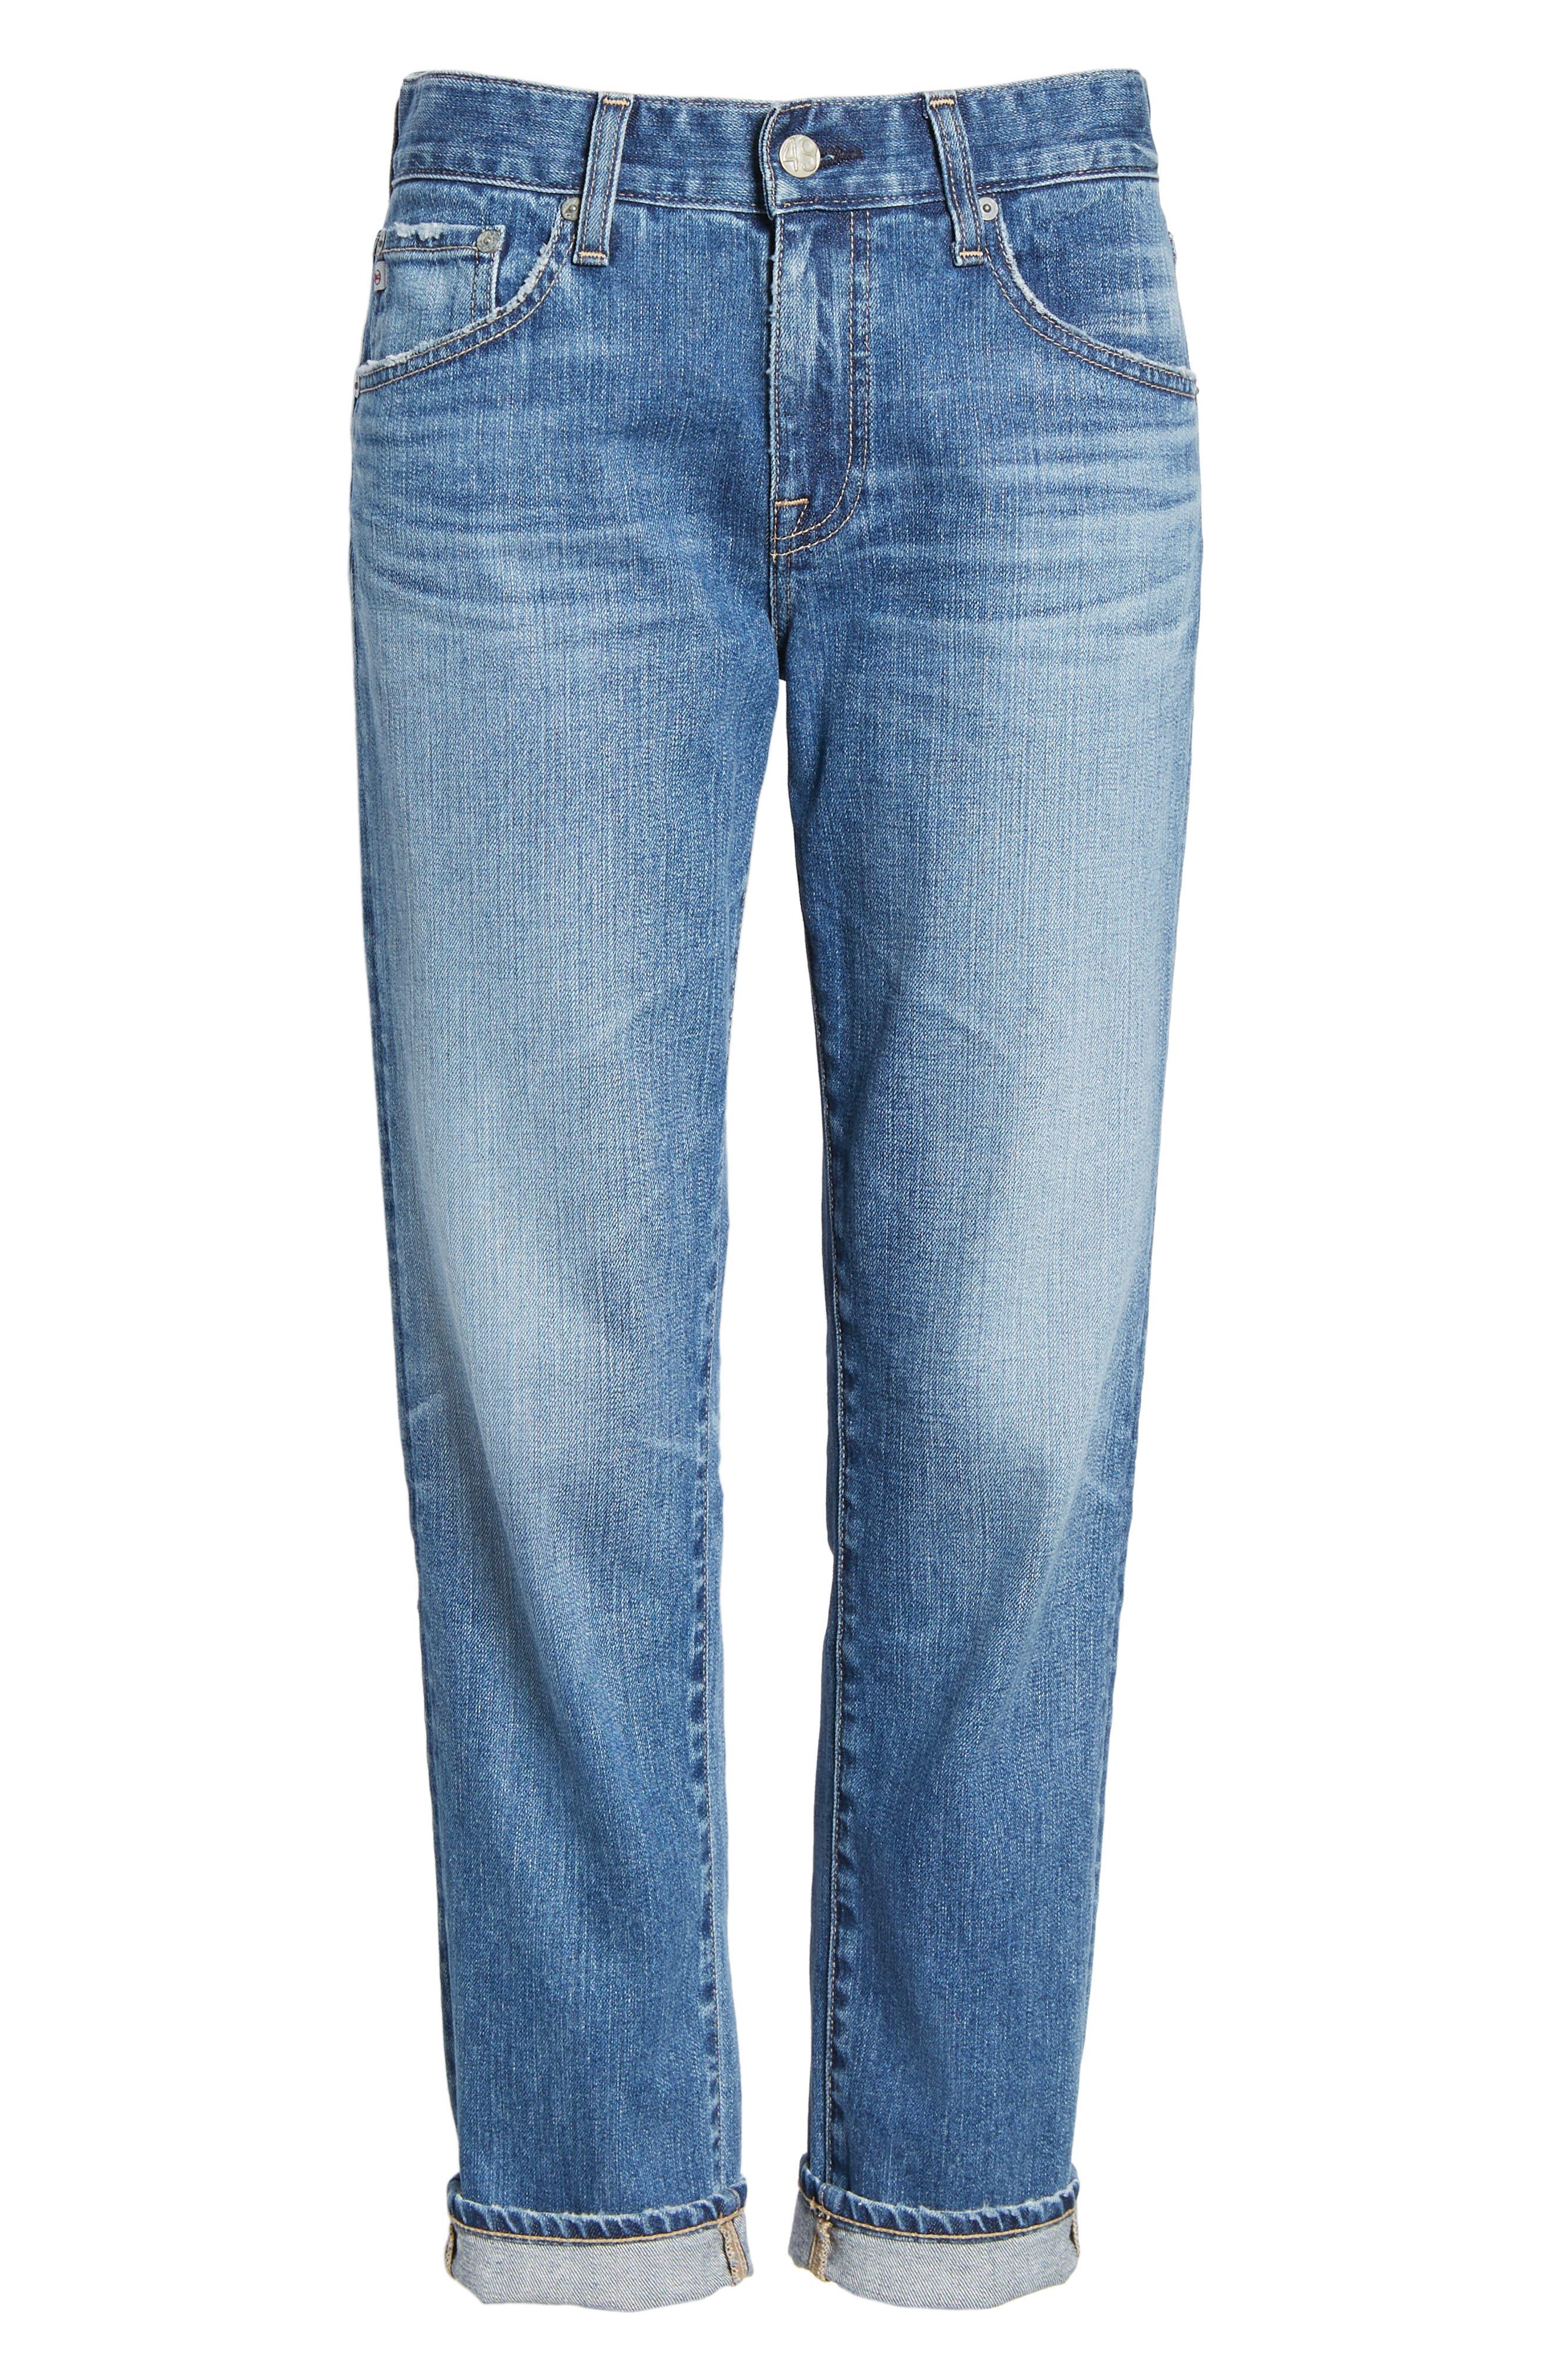 Ex-Boyfriend Crop Slim Jeans,                             Alternate thumbnail 7, color,                             417